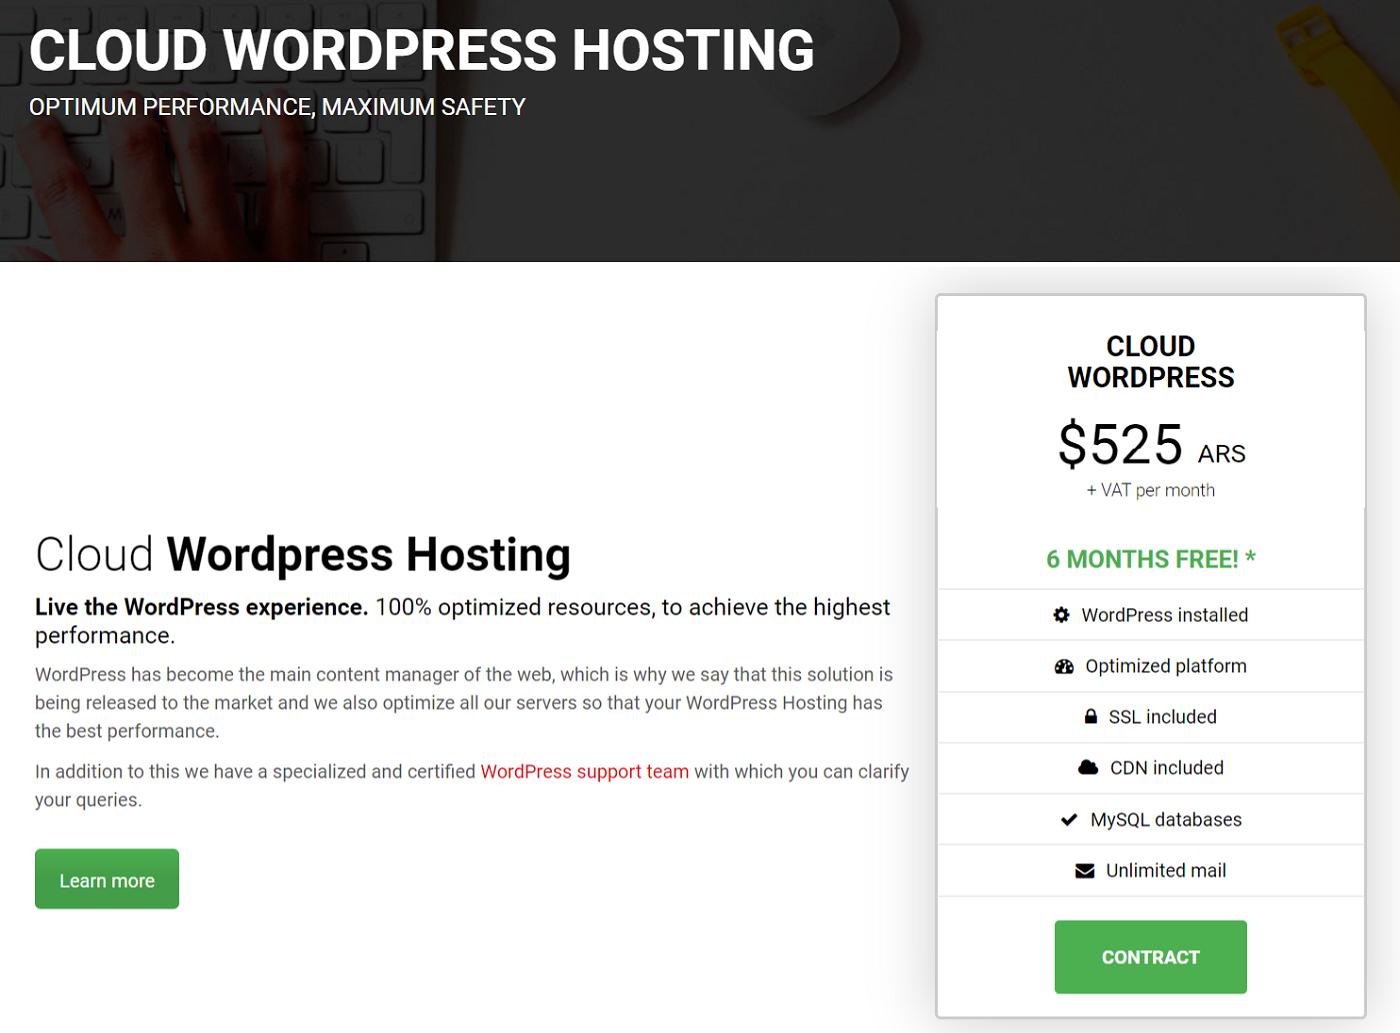 Es posible instalar muchas características haciendo uso de cPanel, existen muchas aplicaciones como WordPress u otros complementos